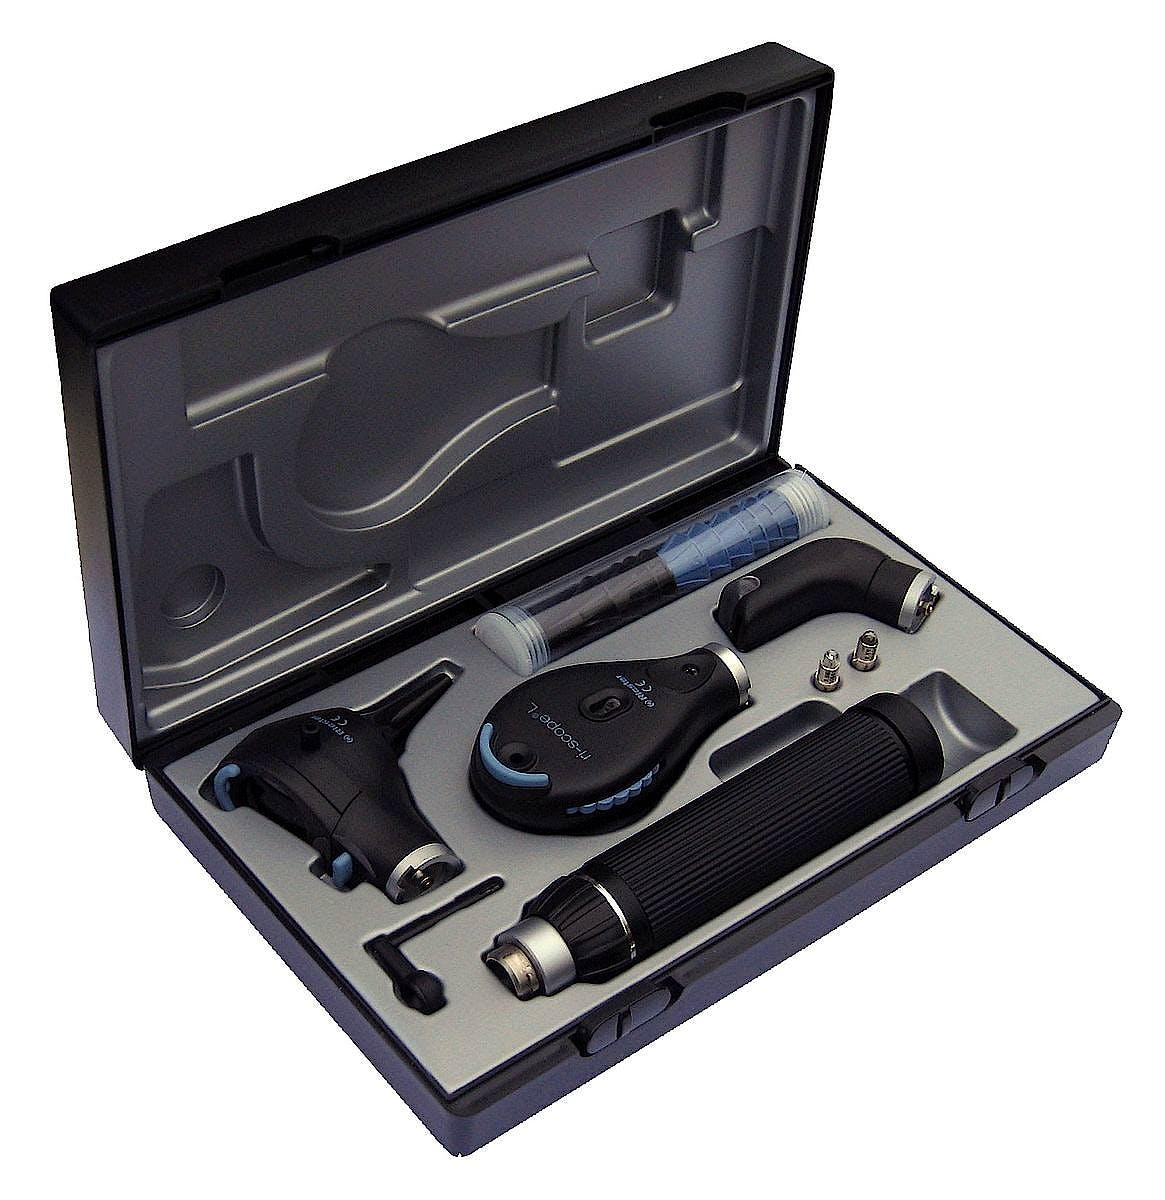 Set Oftalmoscopio-Otoscopio y Soporte para Depresor Lingual Riester Ri-Scope Perfect Oto- L3/oftal. L2 XL/HL 2,5 V, Mango C para 2 Baterias Al